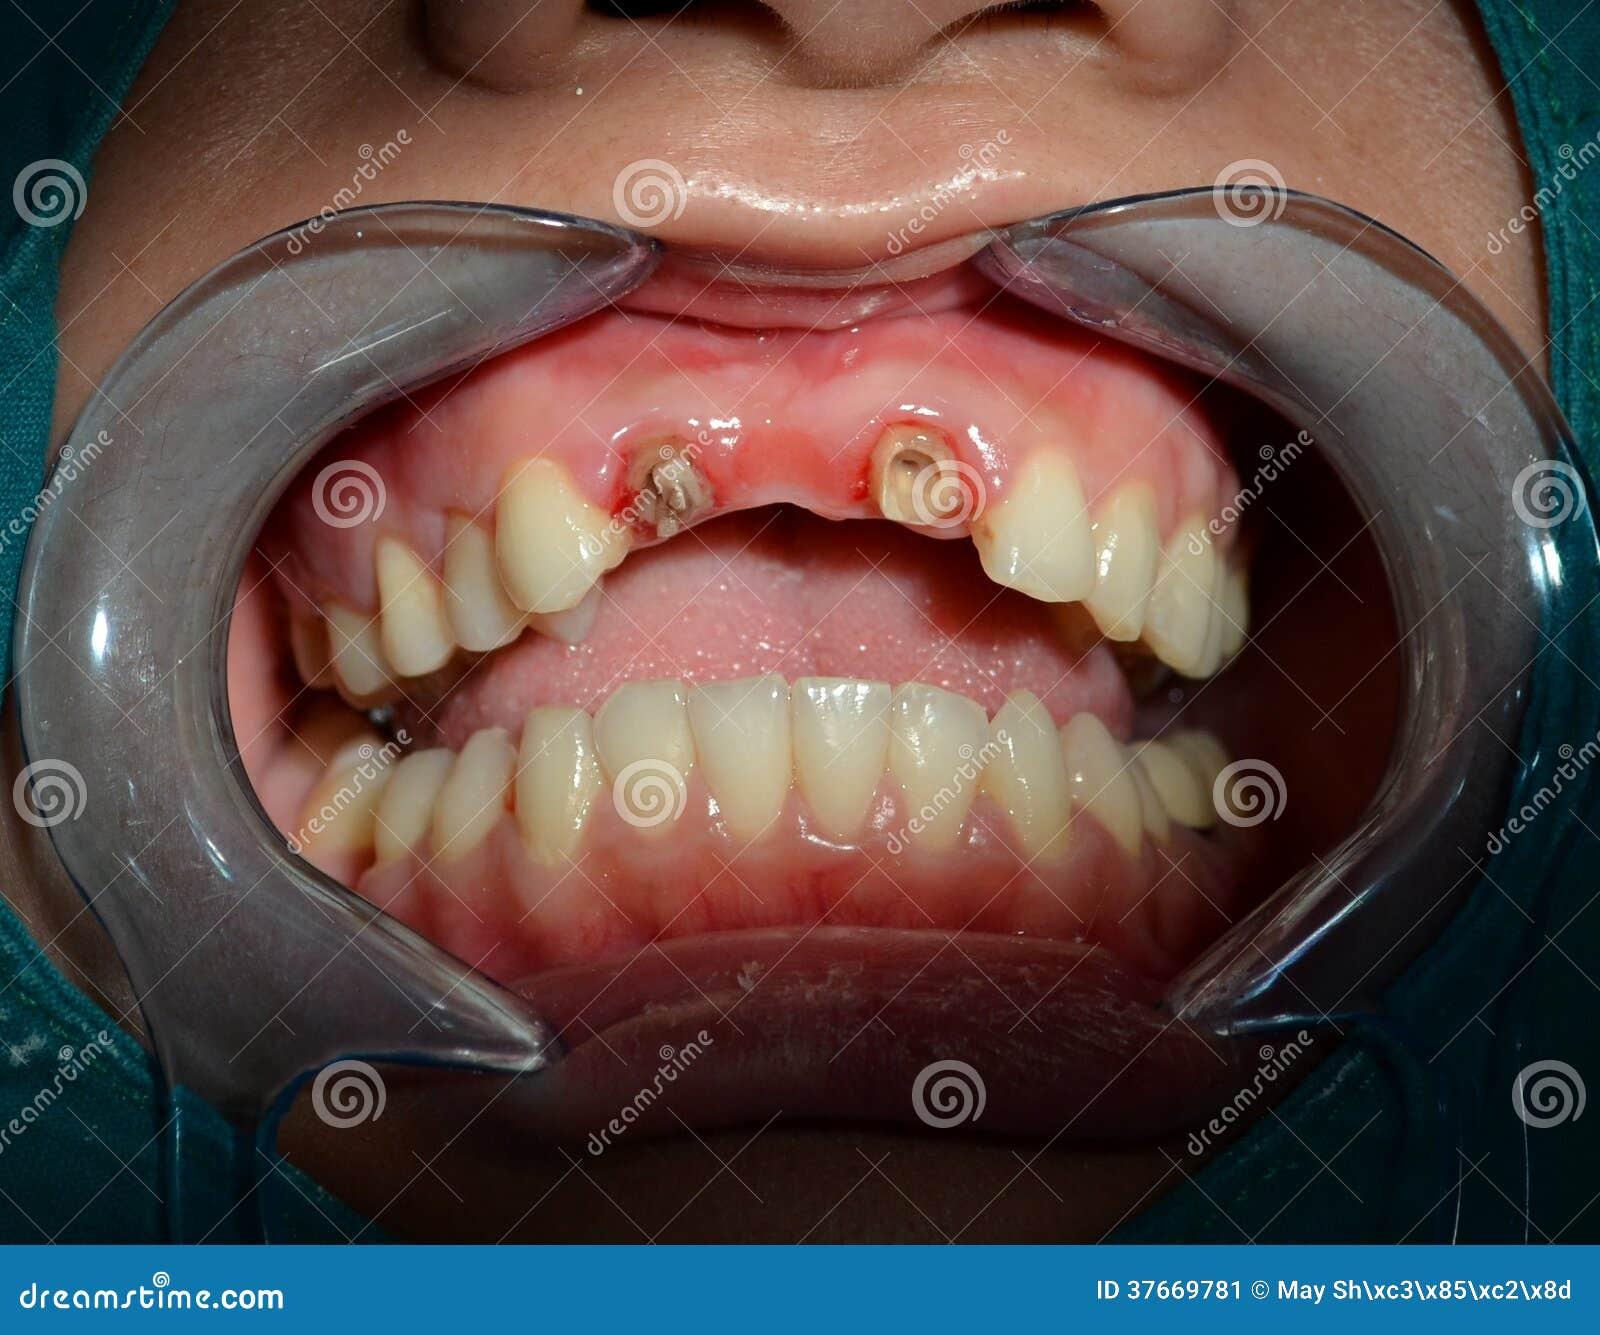 Dopo rimuova tutto il ponte ceramico dei denti superiori anteriori